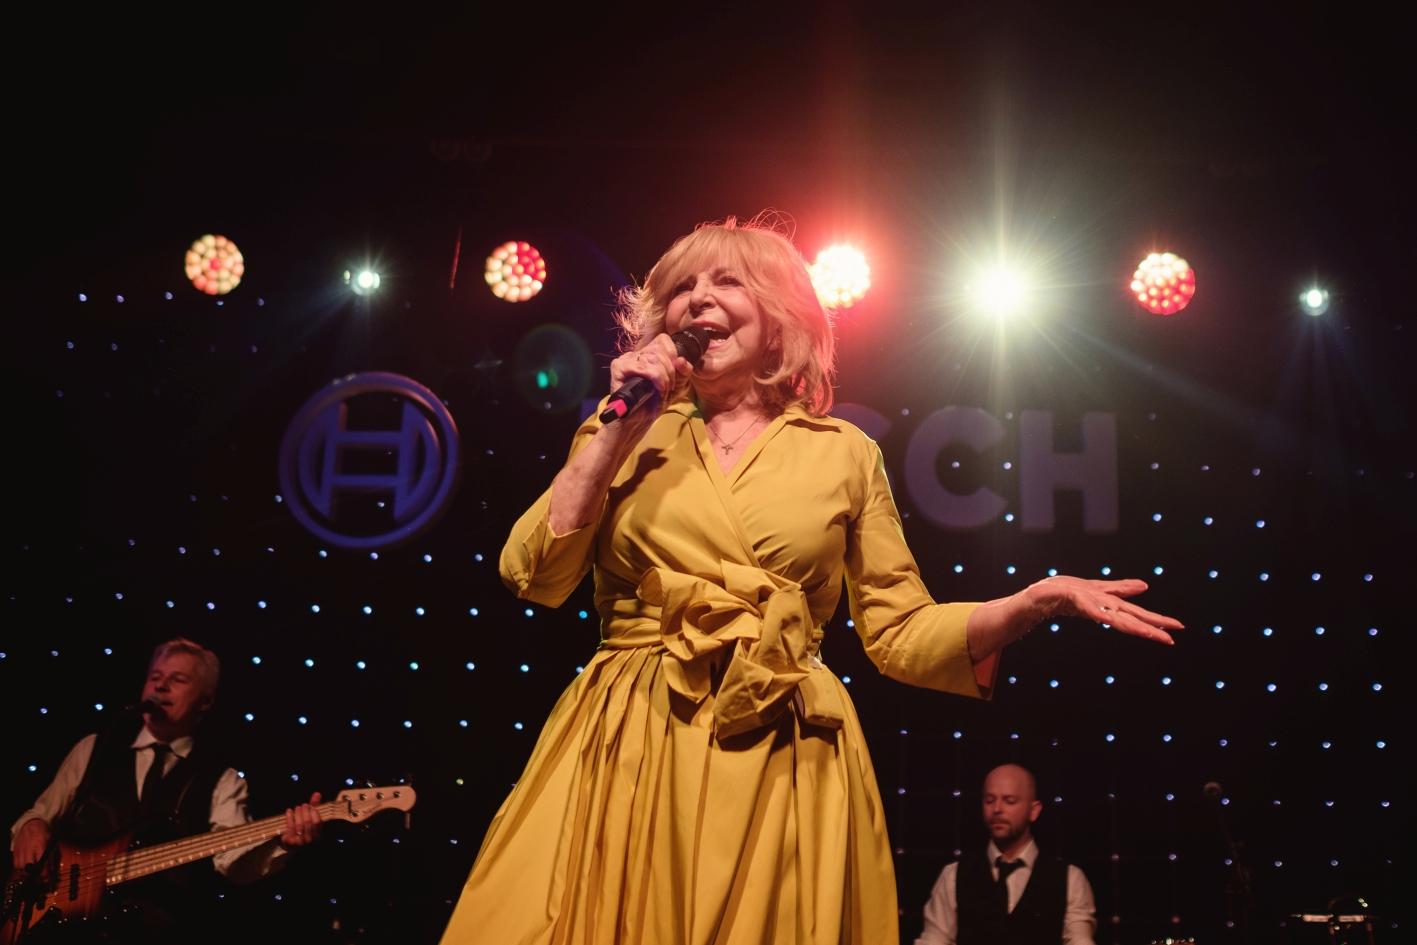 Hvězdou večera byla slavná česká zpěvačka Hana Zagorová